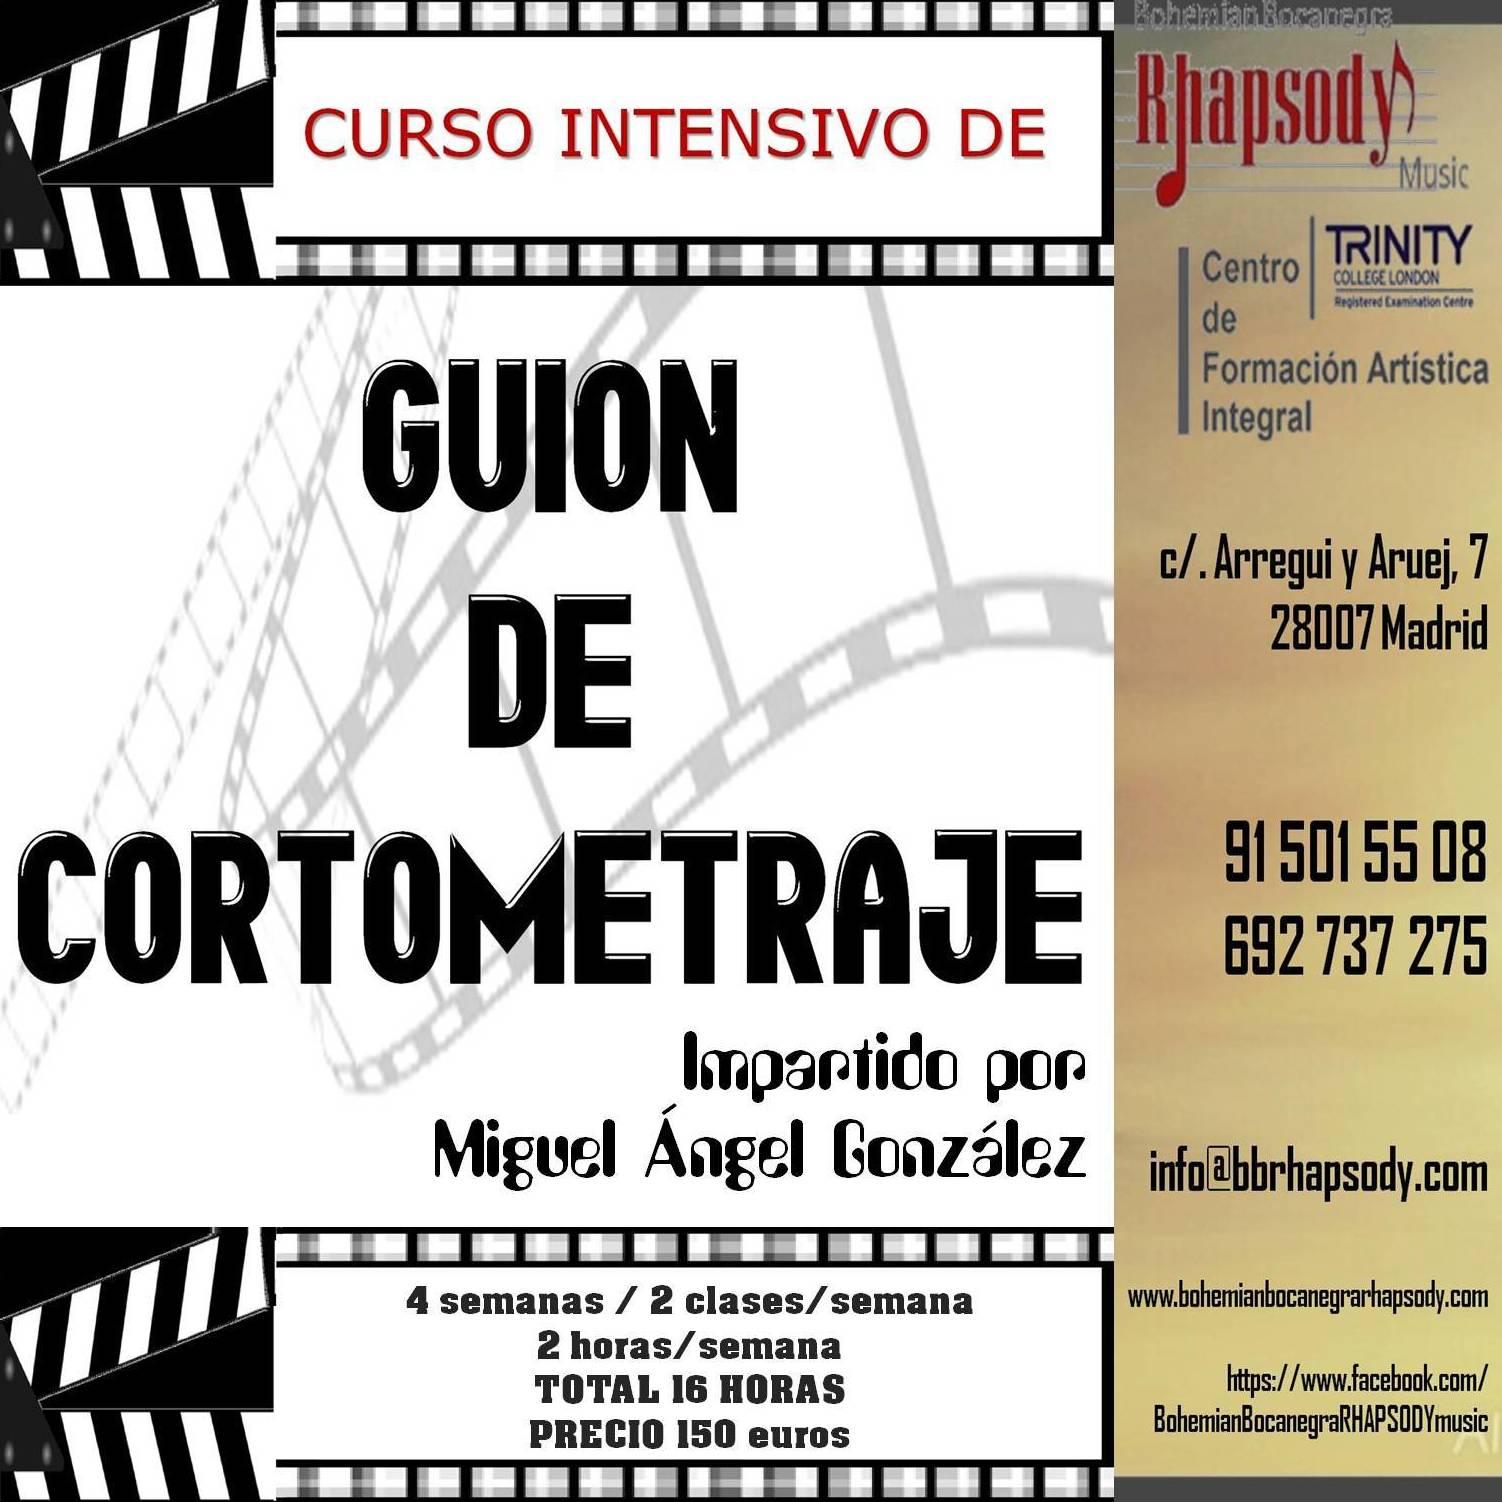 CURSO INTENSIVO DE GUIÓN DE CORTOMETRAJE impartido por Miguél Ángel González